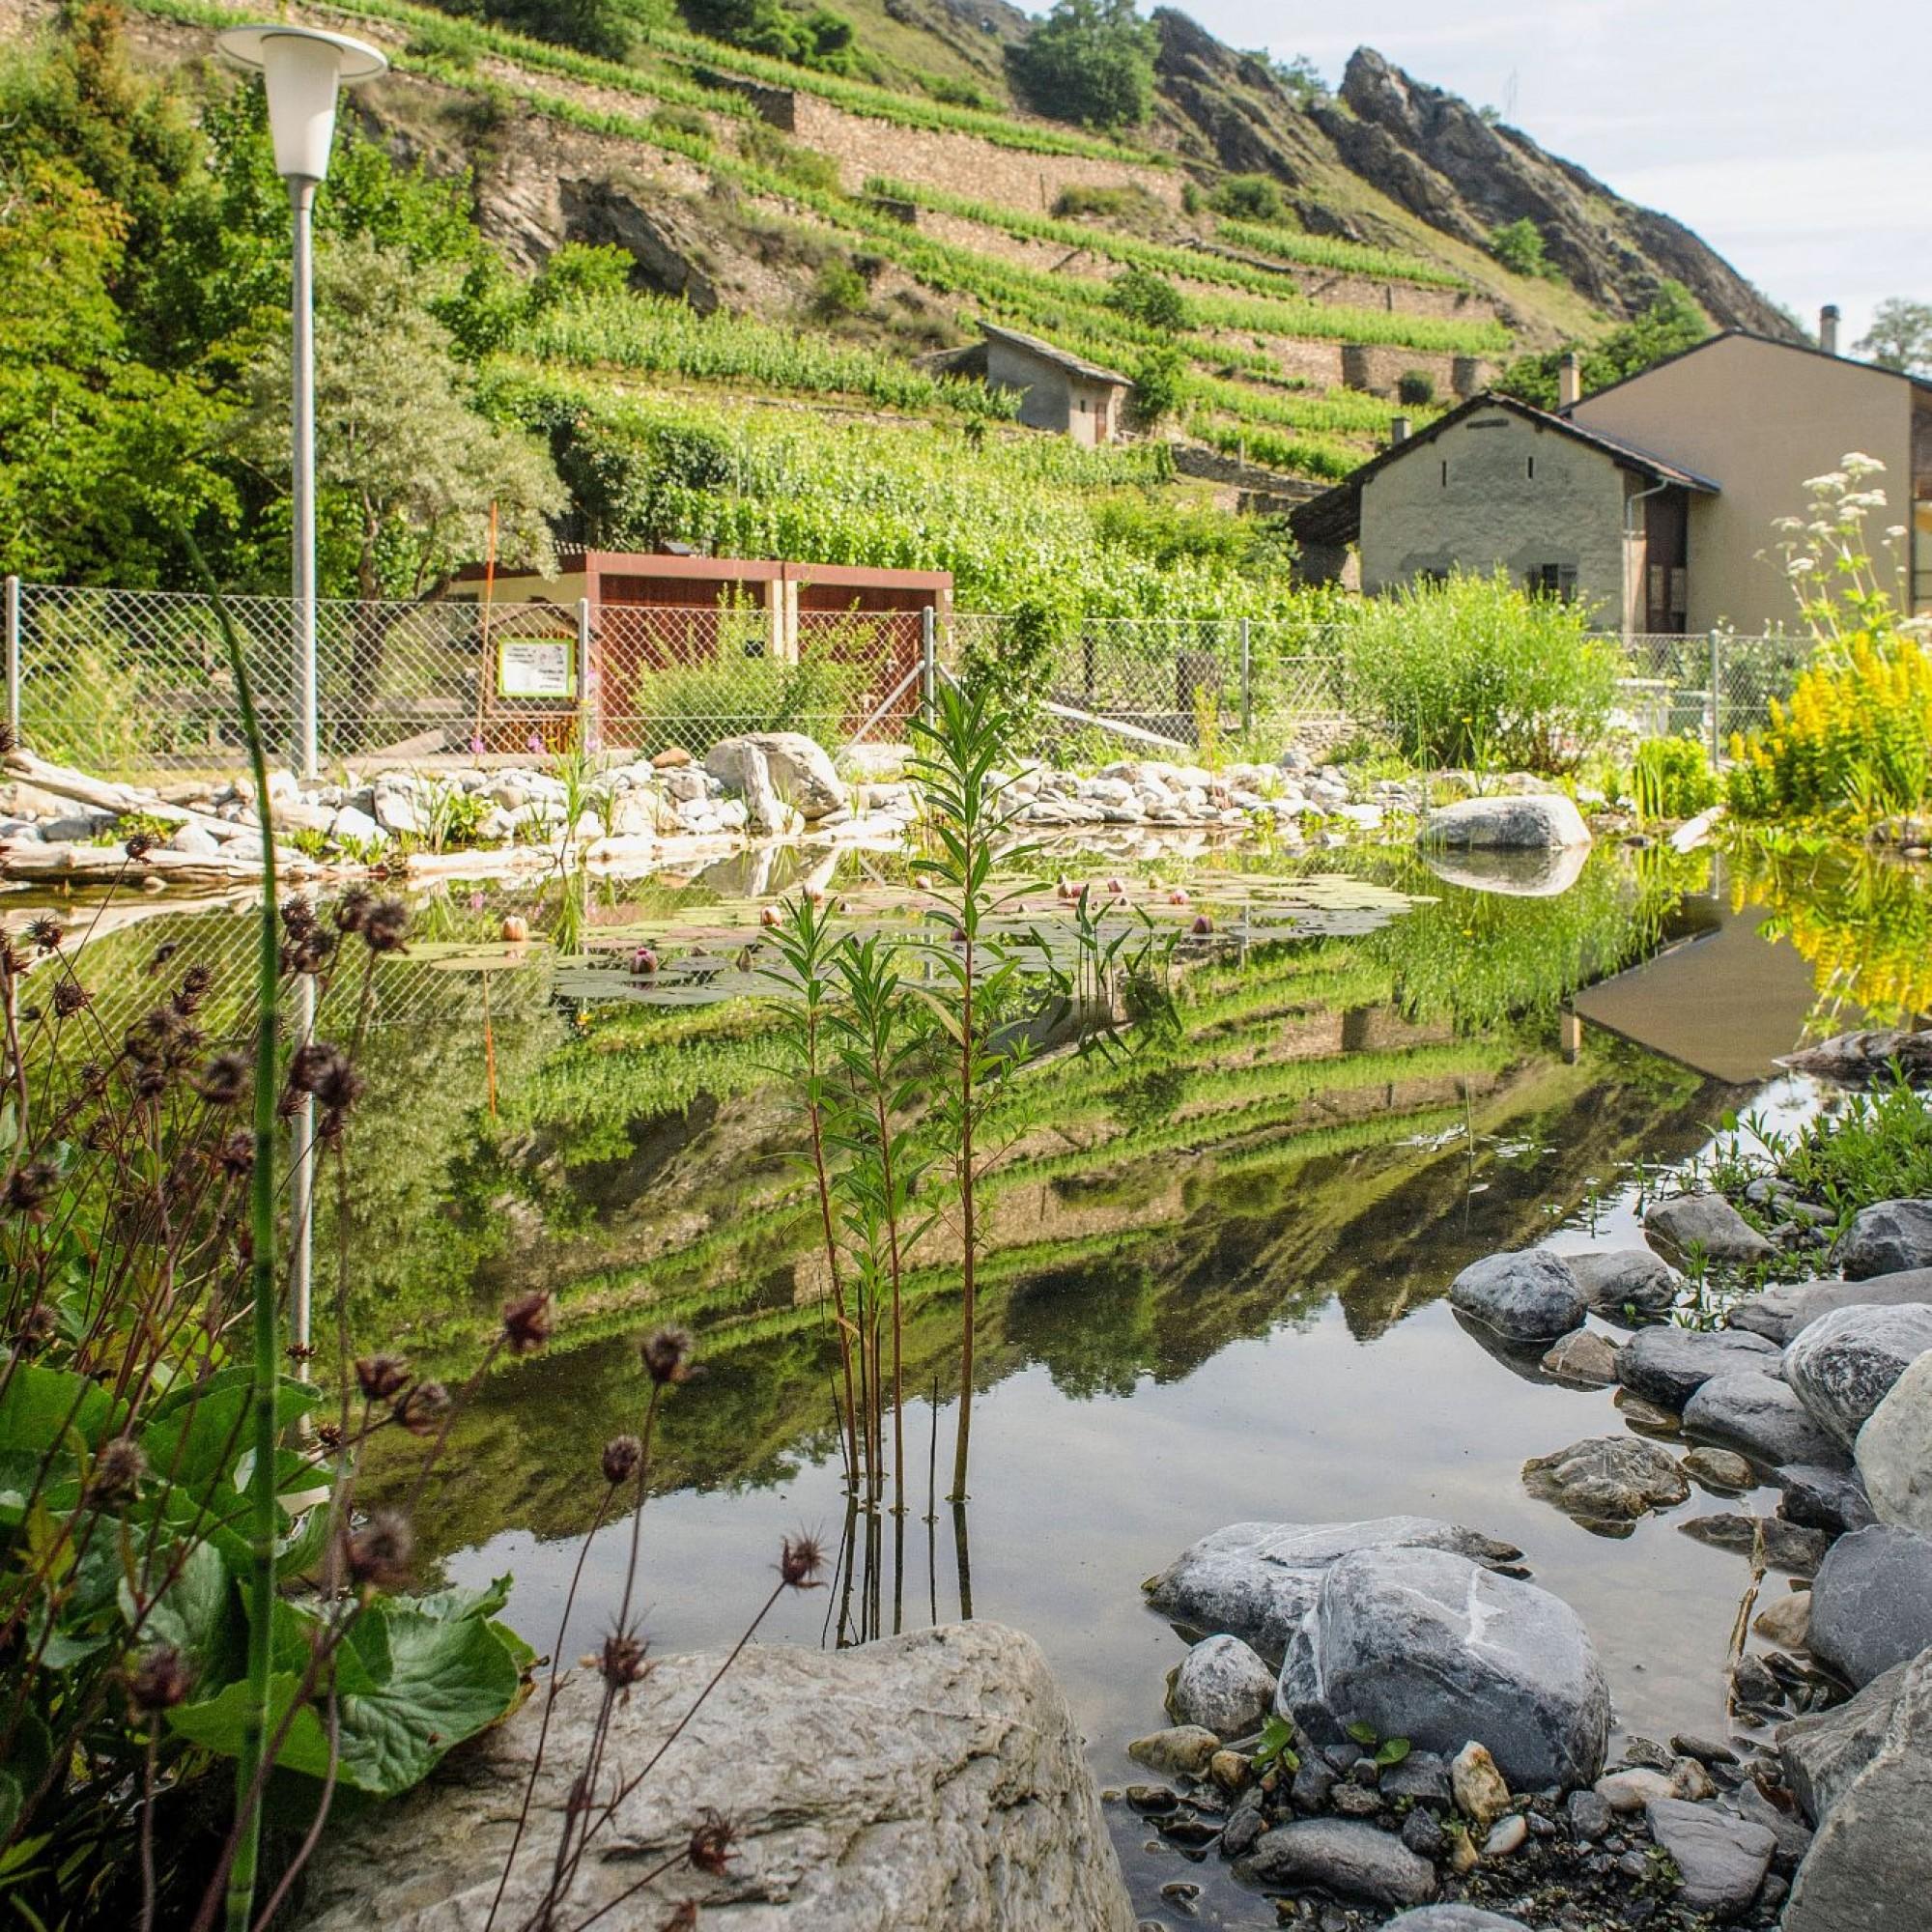 Le milieu urbain empêche l'air frais d'entrer et les sols imperméables n'absorbent pas l'eau lors des fortes pluies. En Valais, on mise désormais sur la végétalisation, la gestion de l'eau, la porosité des sols, mais aussi sur l'information, pour une pris